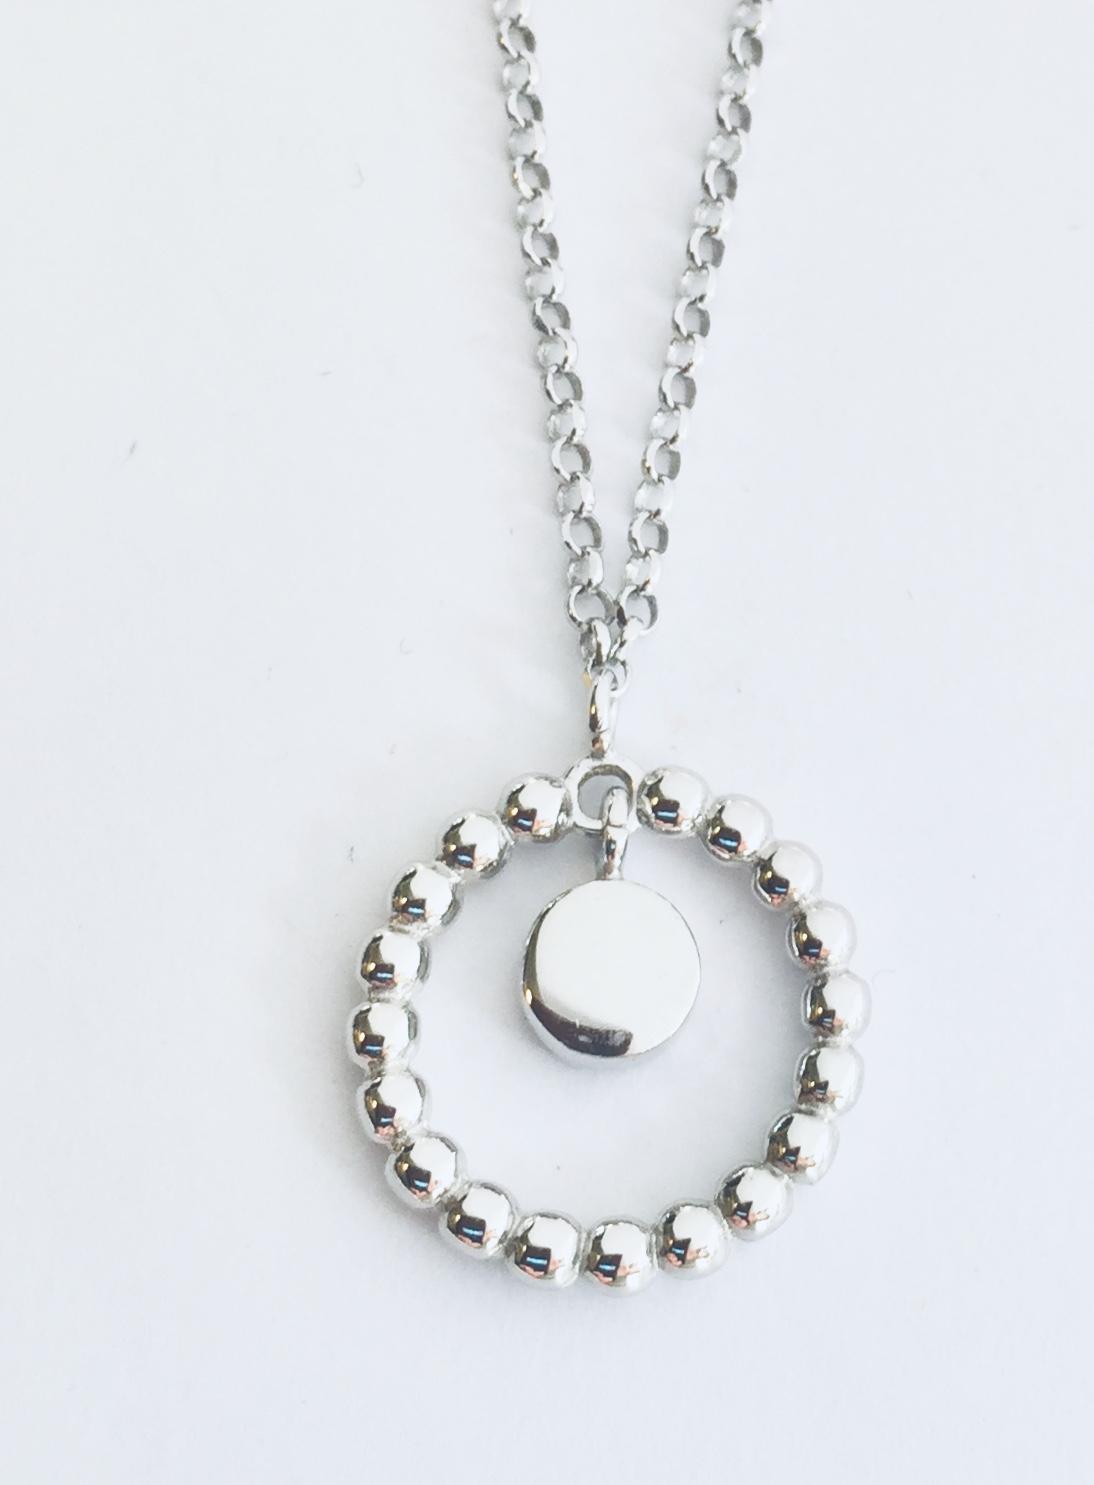 Collier rh.sølv 40+3cm m/sirkel av kuler